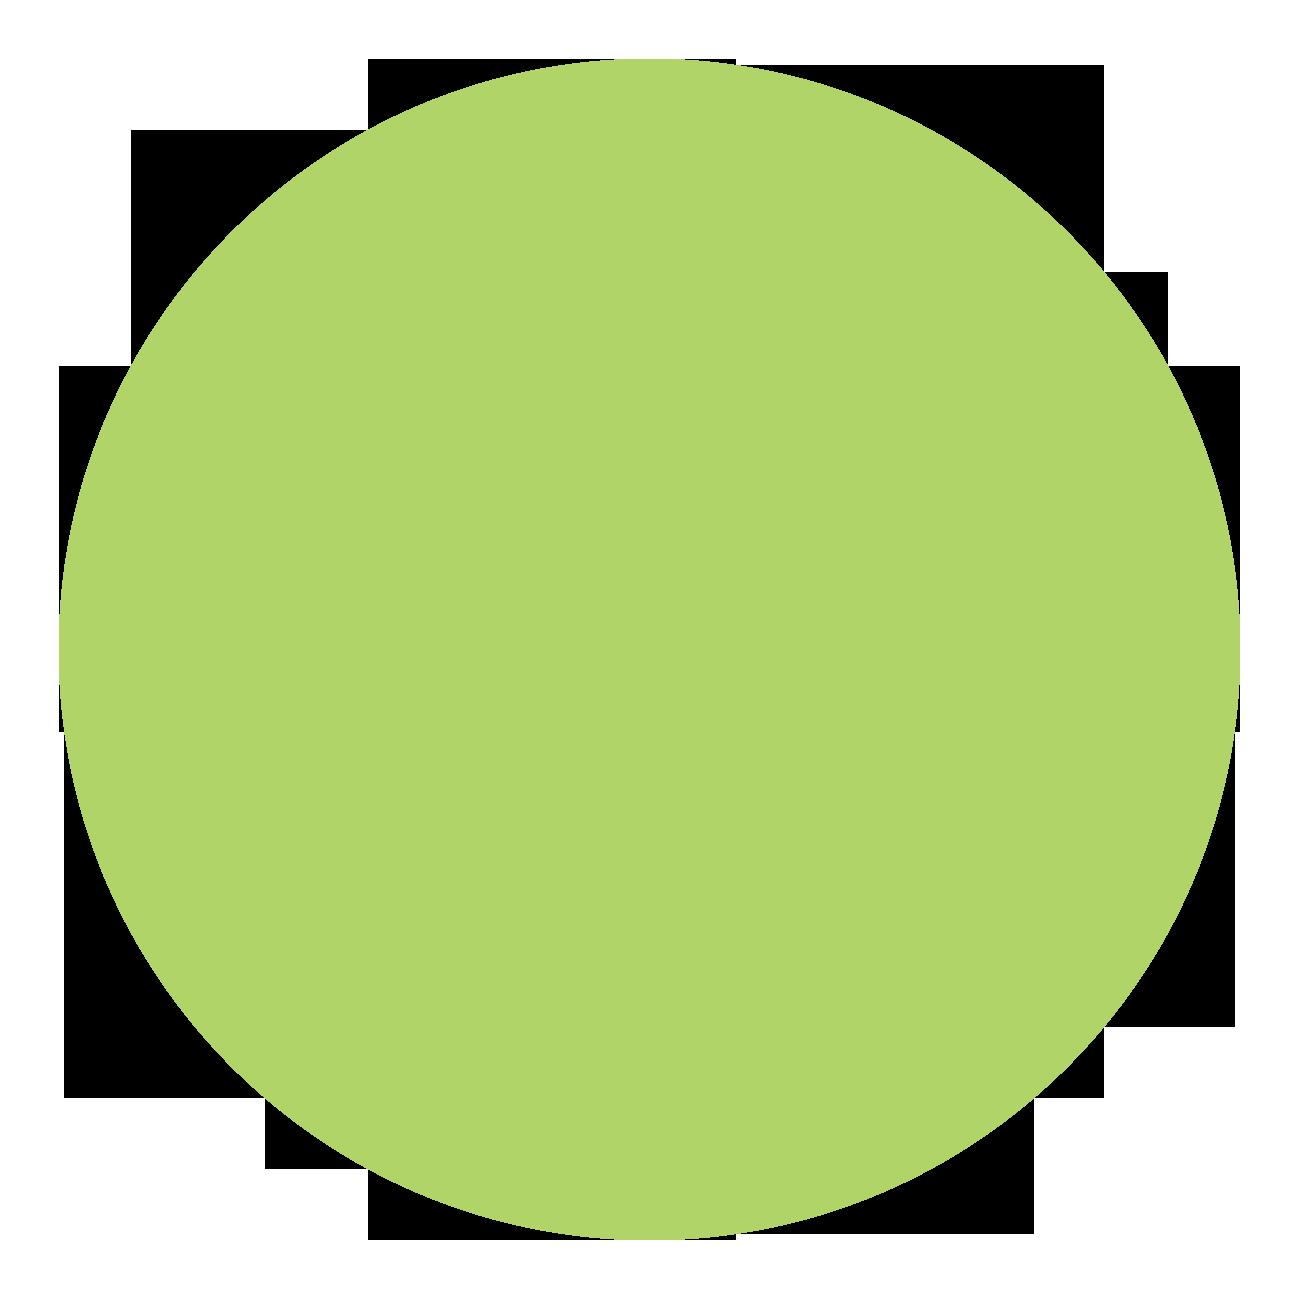 Green circle png #44659.